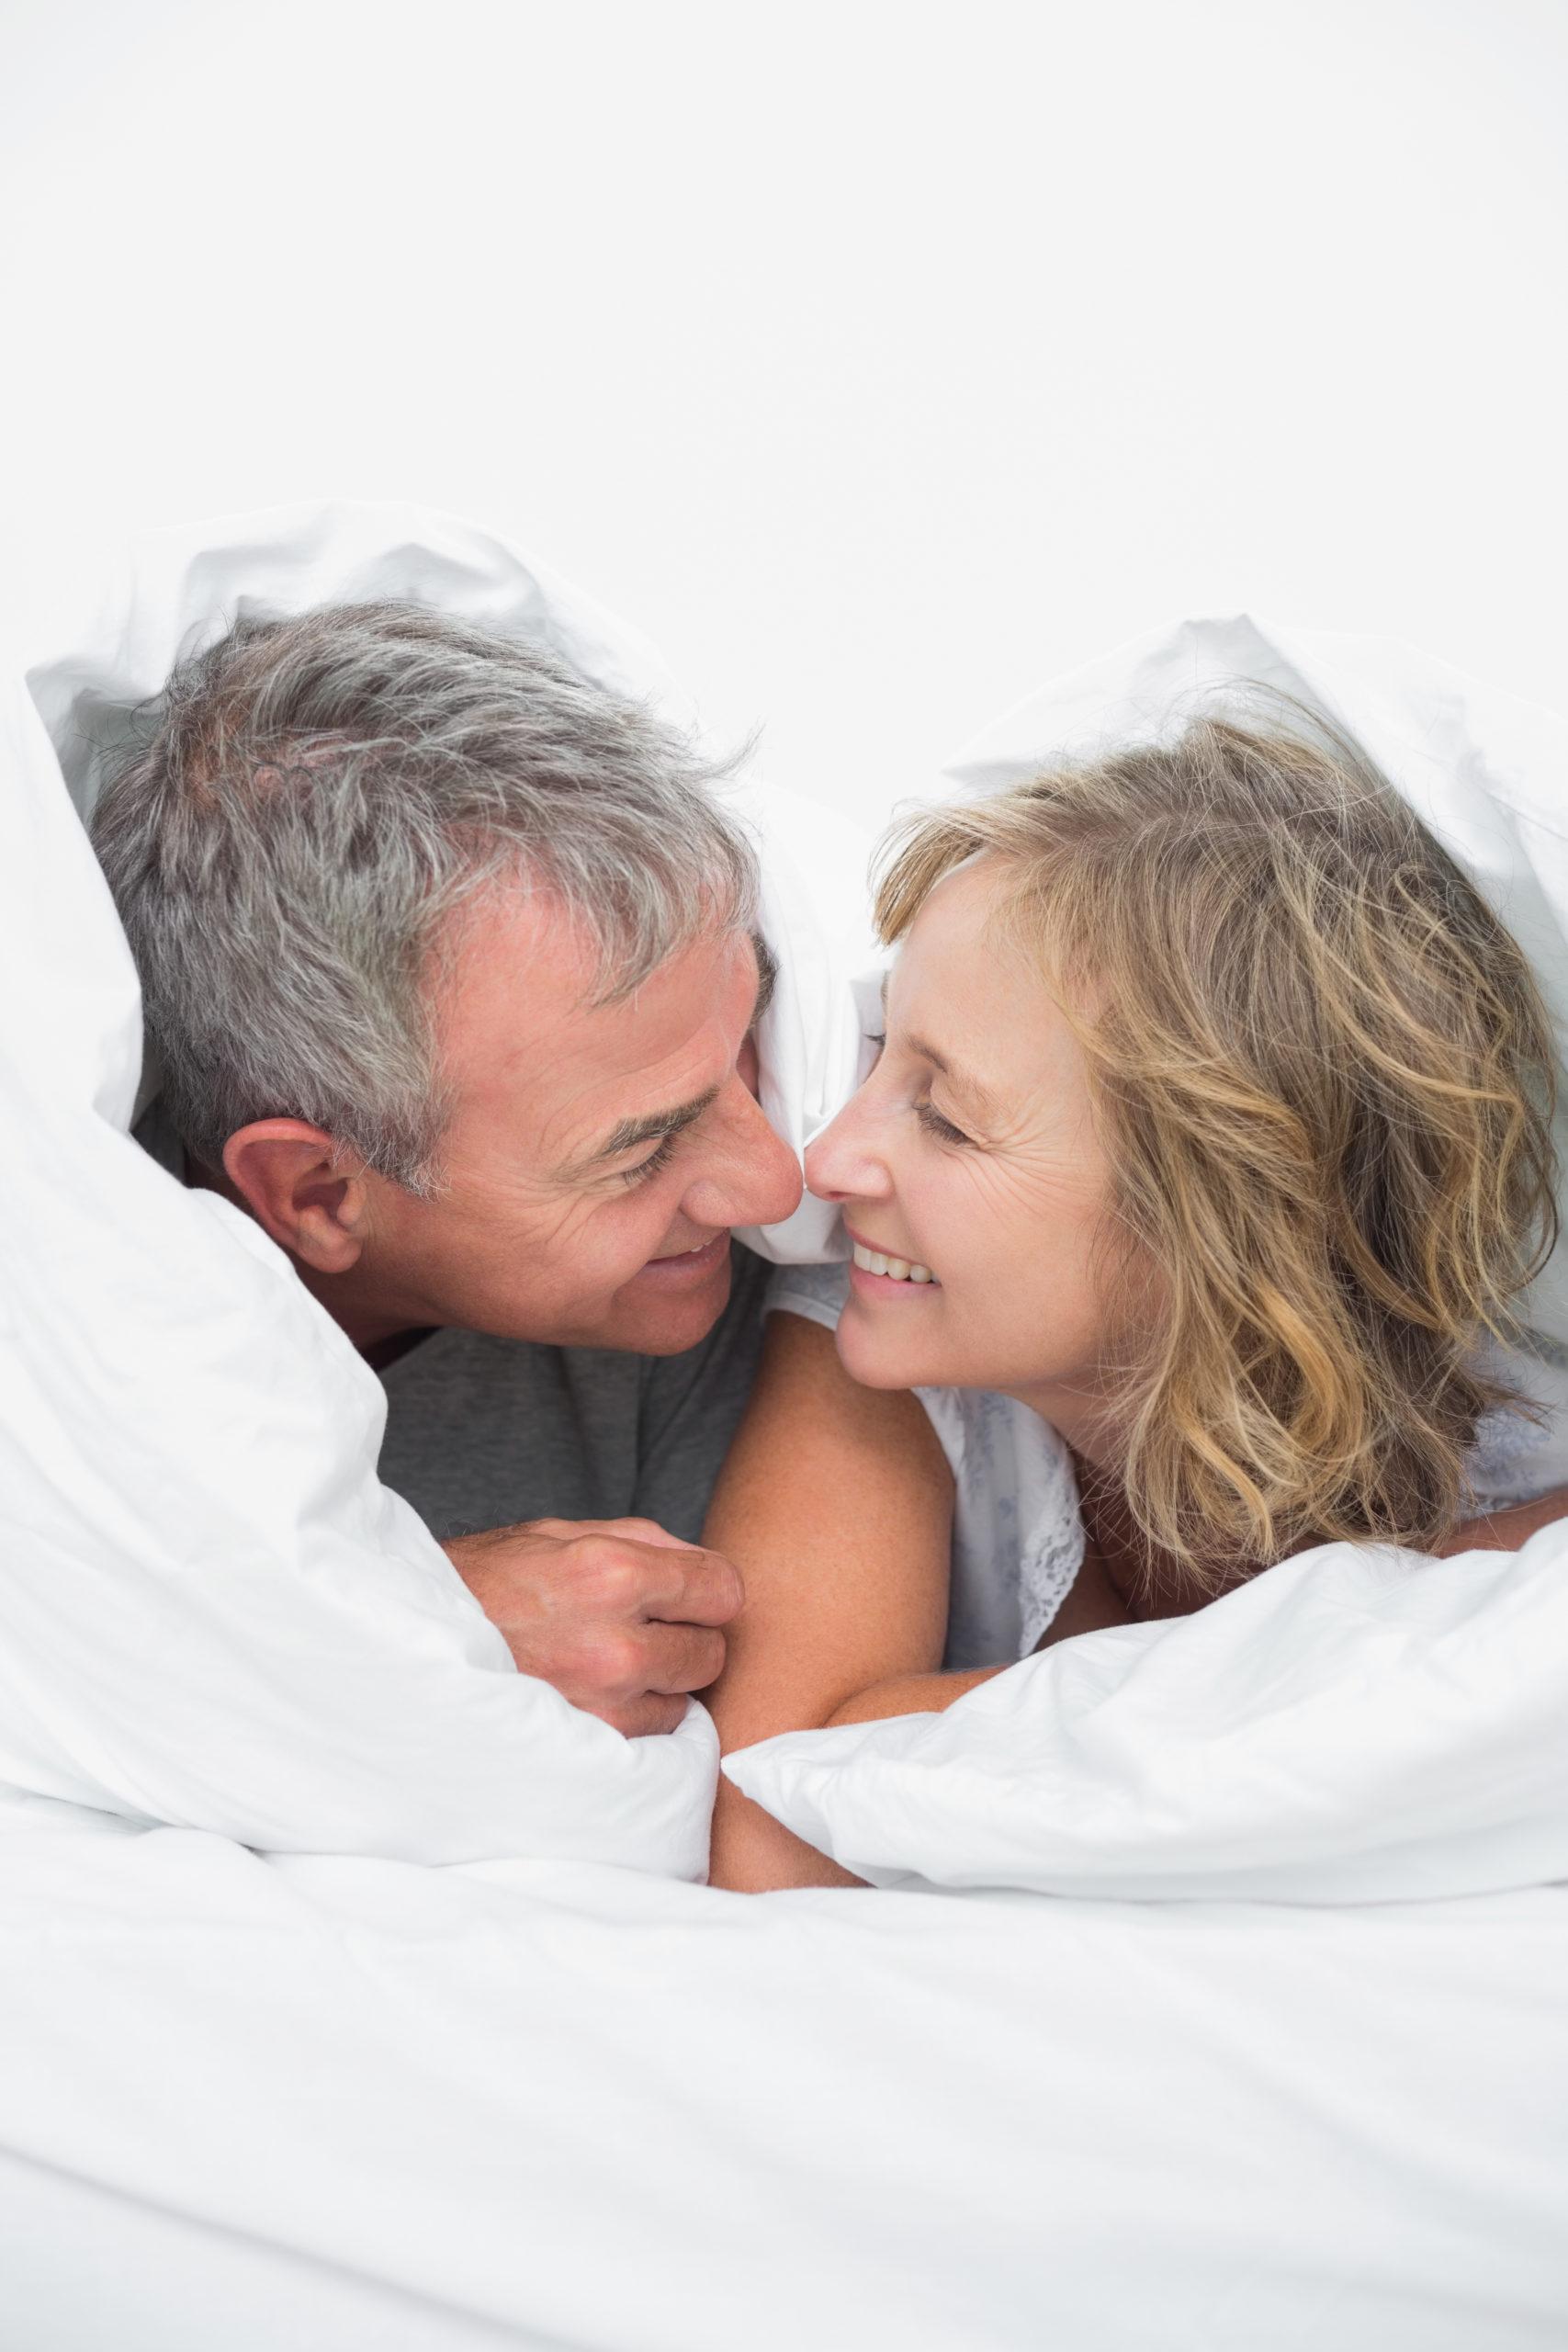 libido deseo sexual pareja libido alto libido bajo